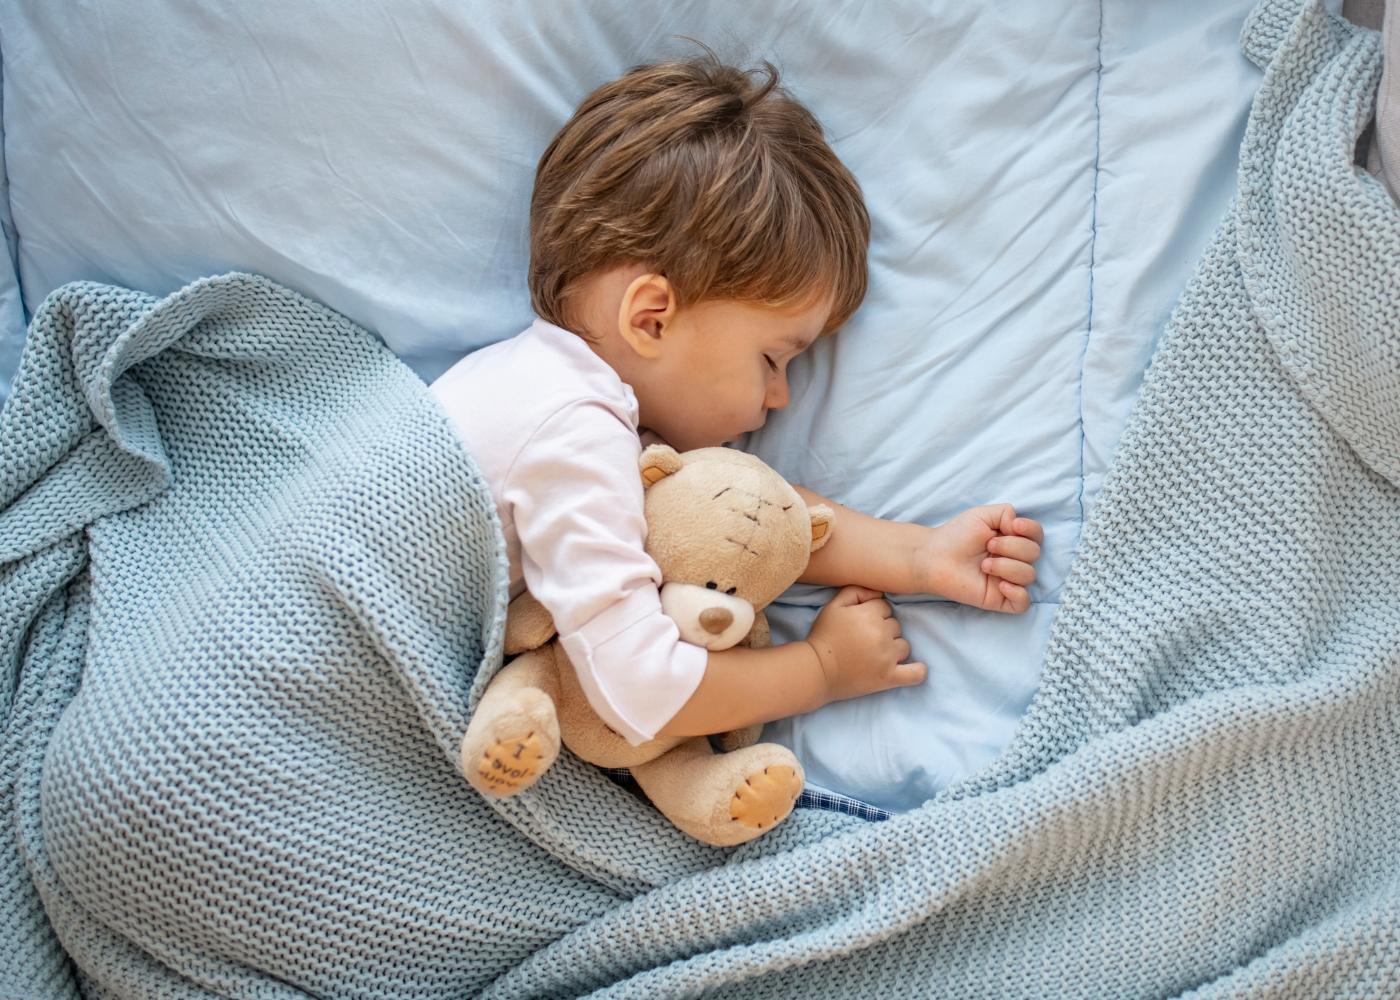 menino a dormir agarrado a peluche